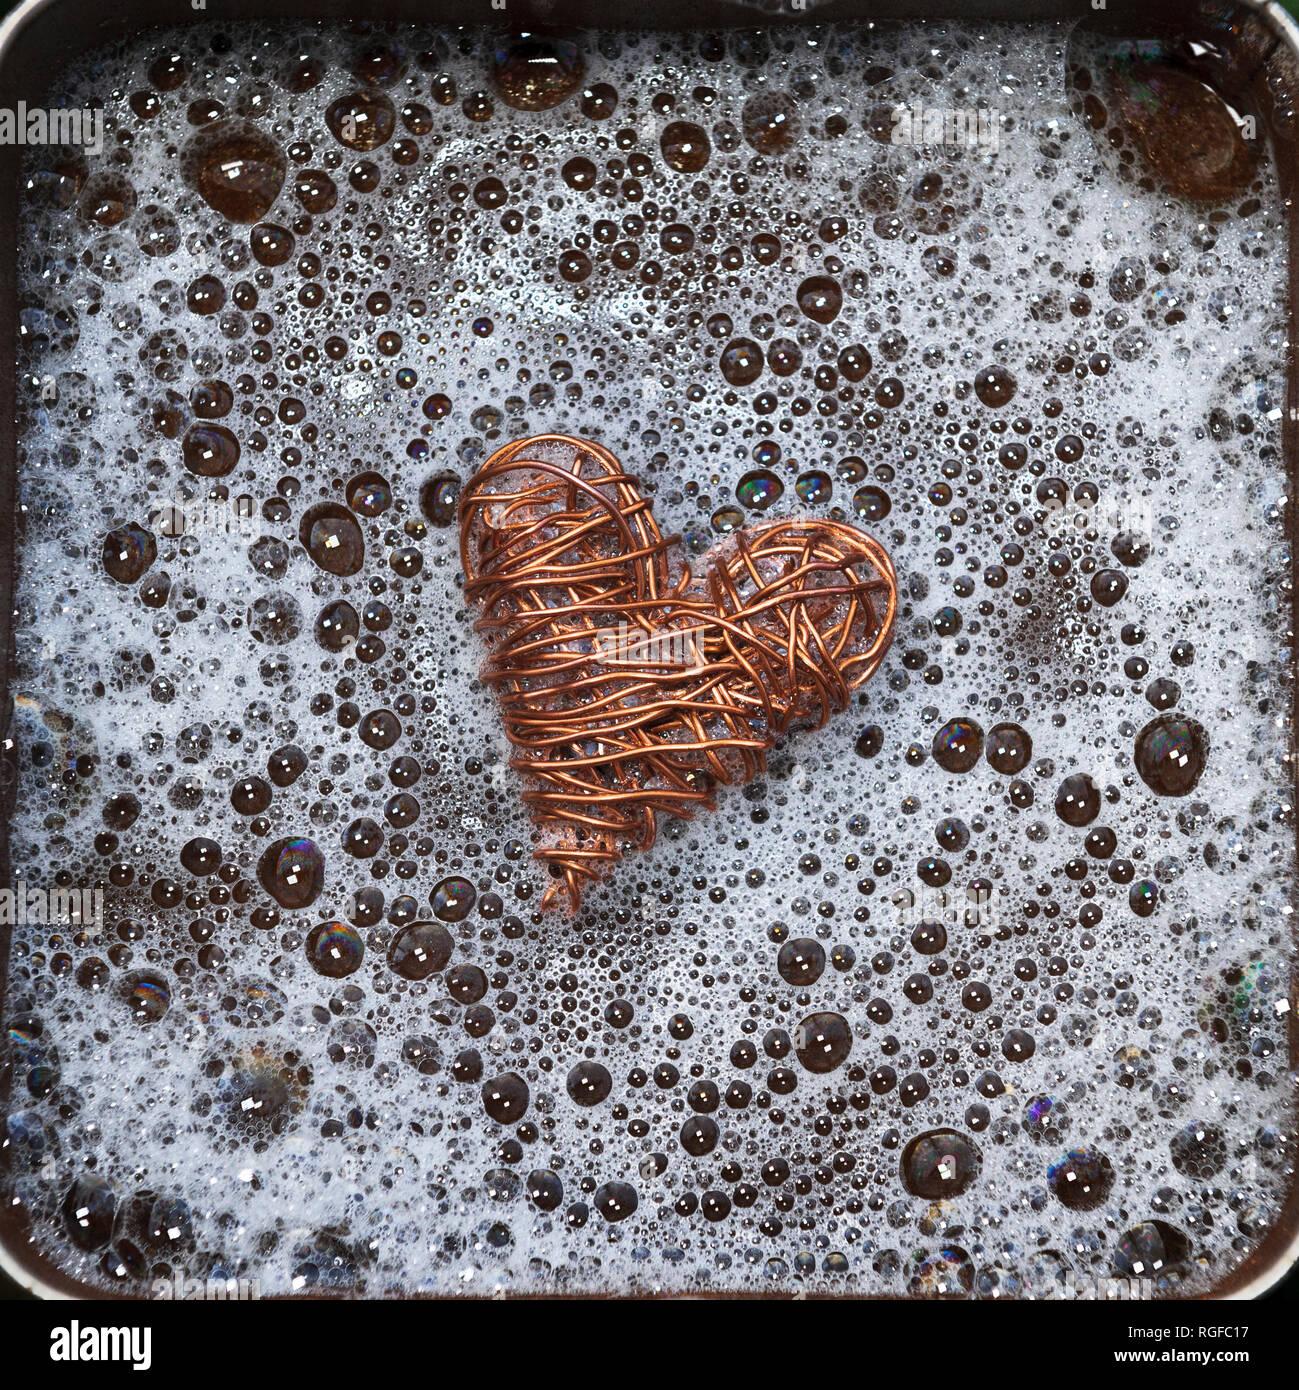 Herz aus Kupferdraht von sprudelndem Wasser umgeben. Stockbild